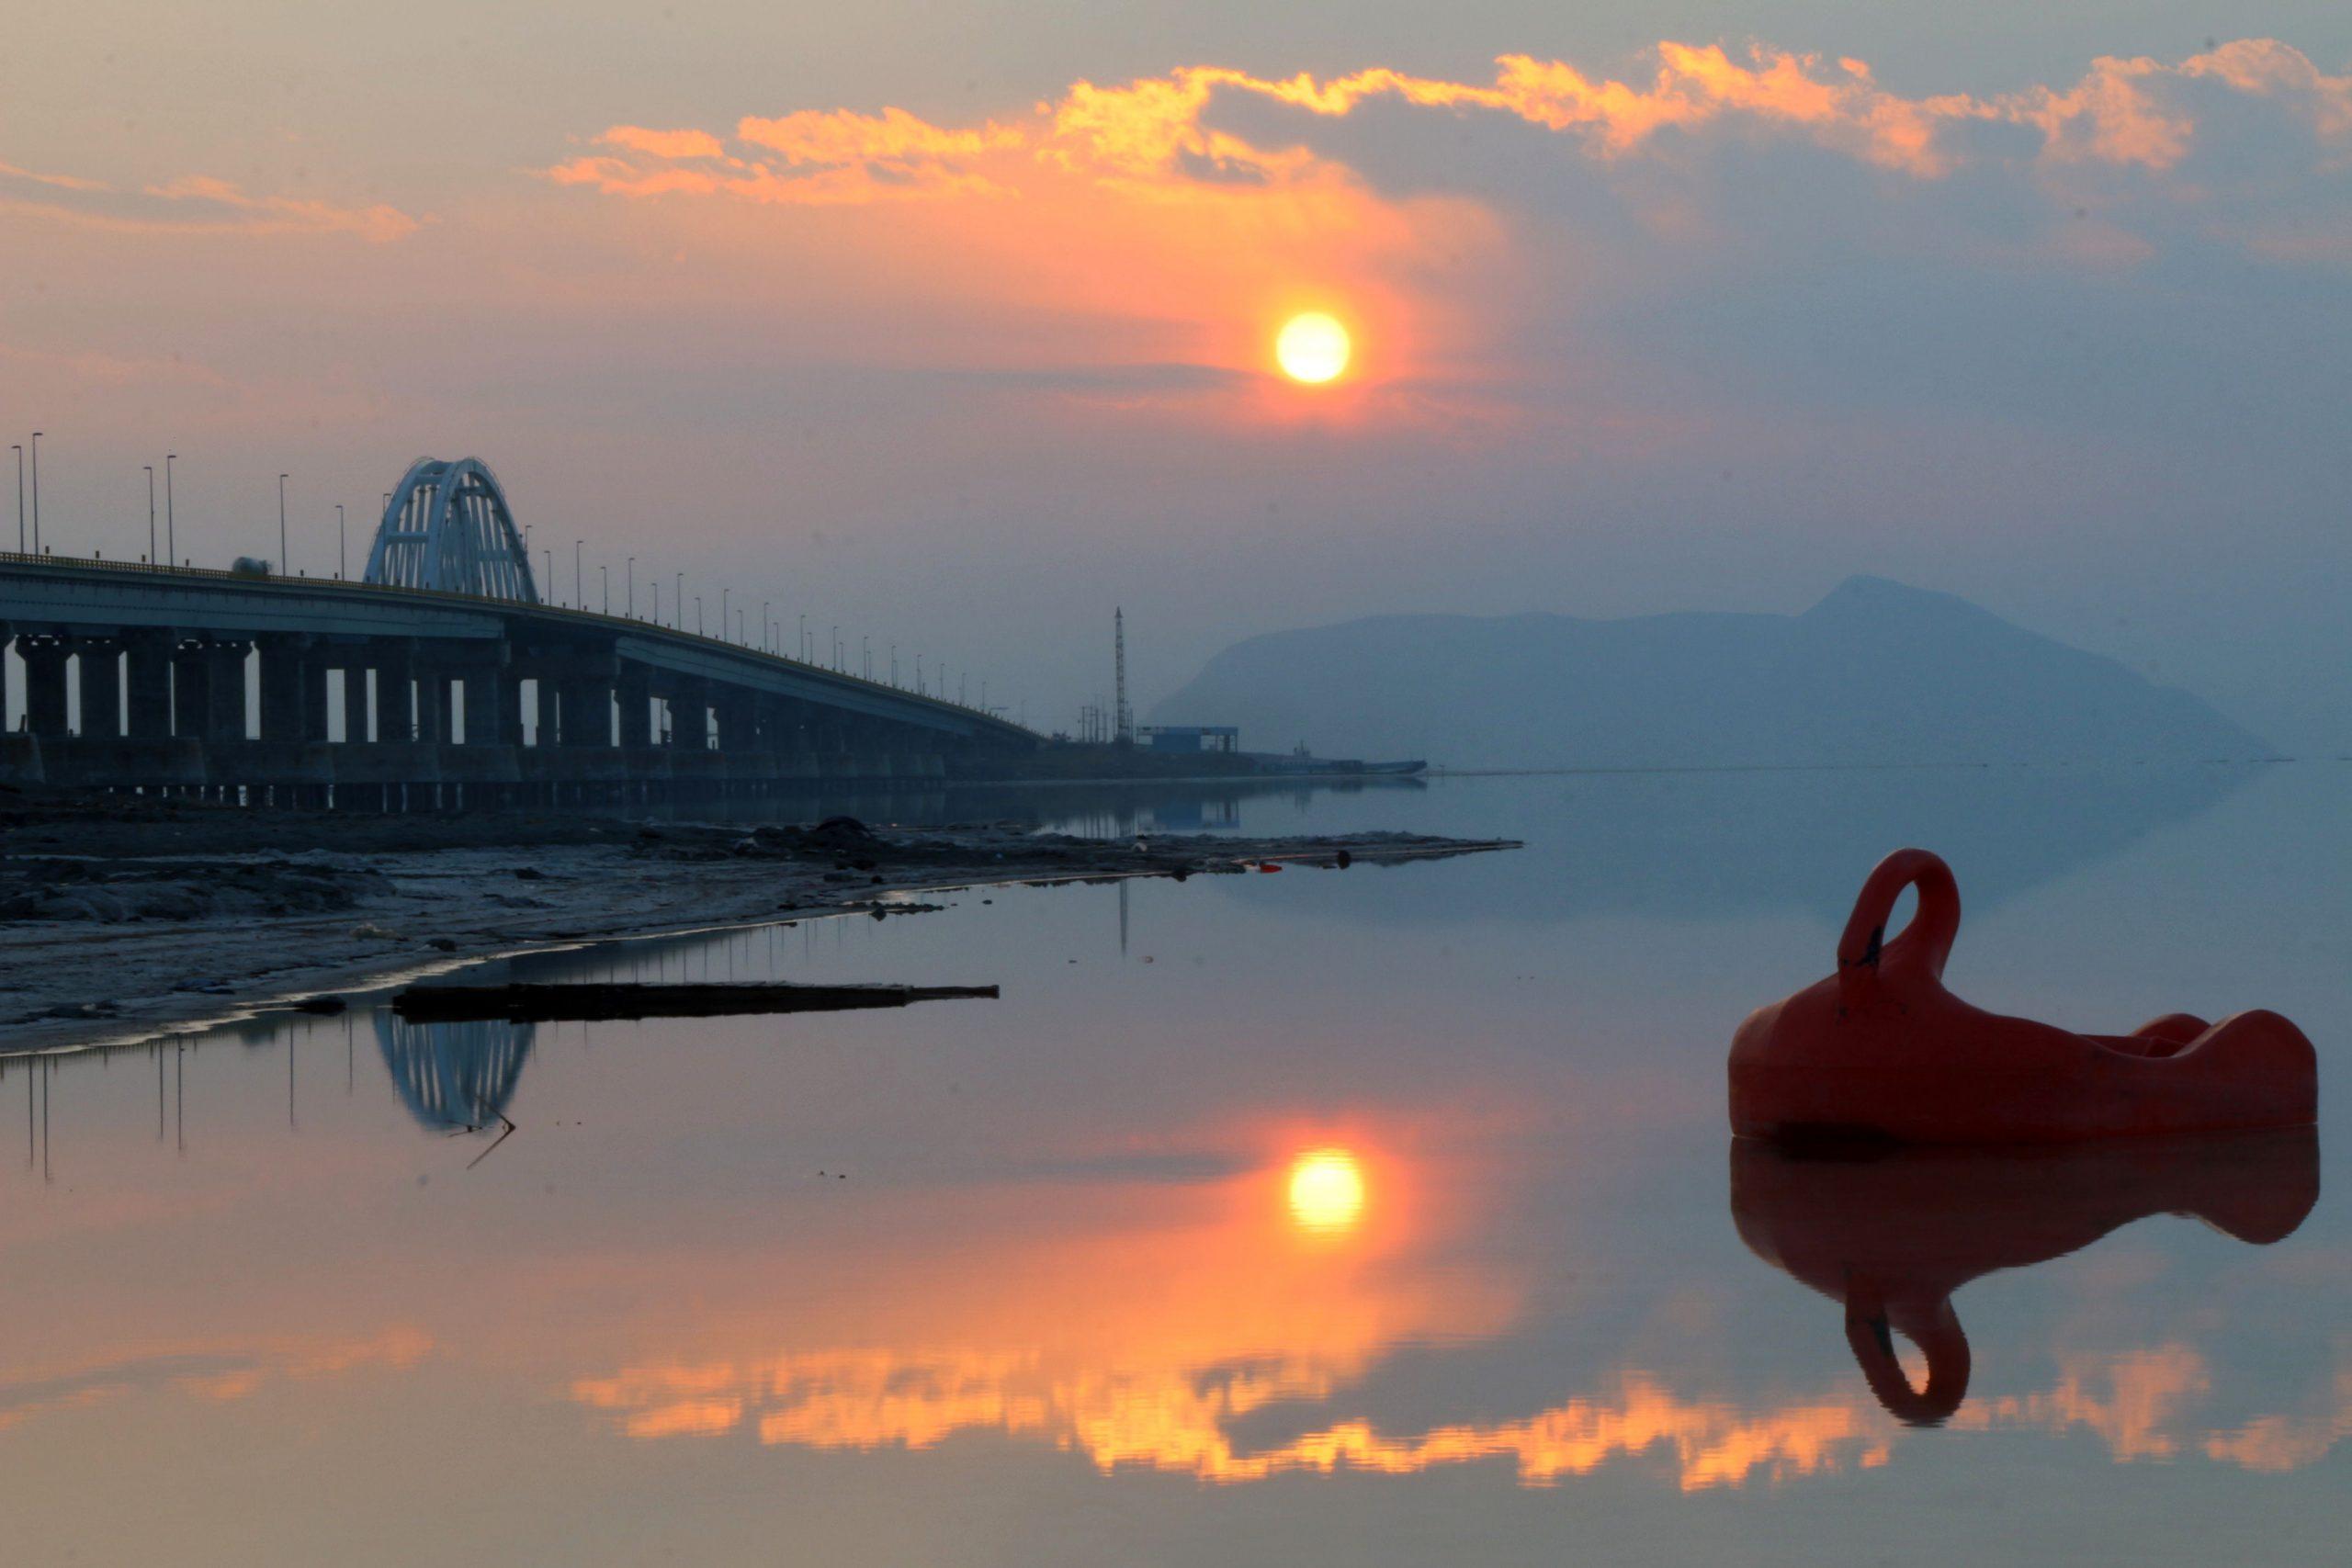 احیای دریاچه ارومیه در یک قدمی احیا